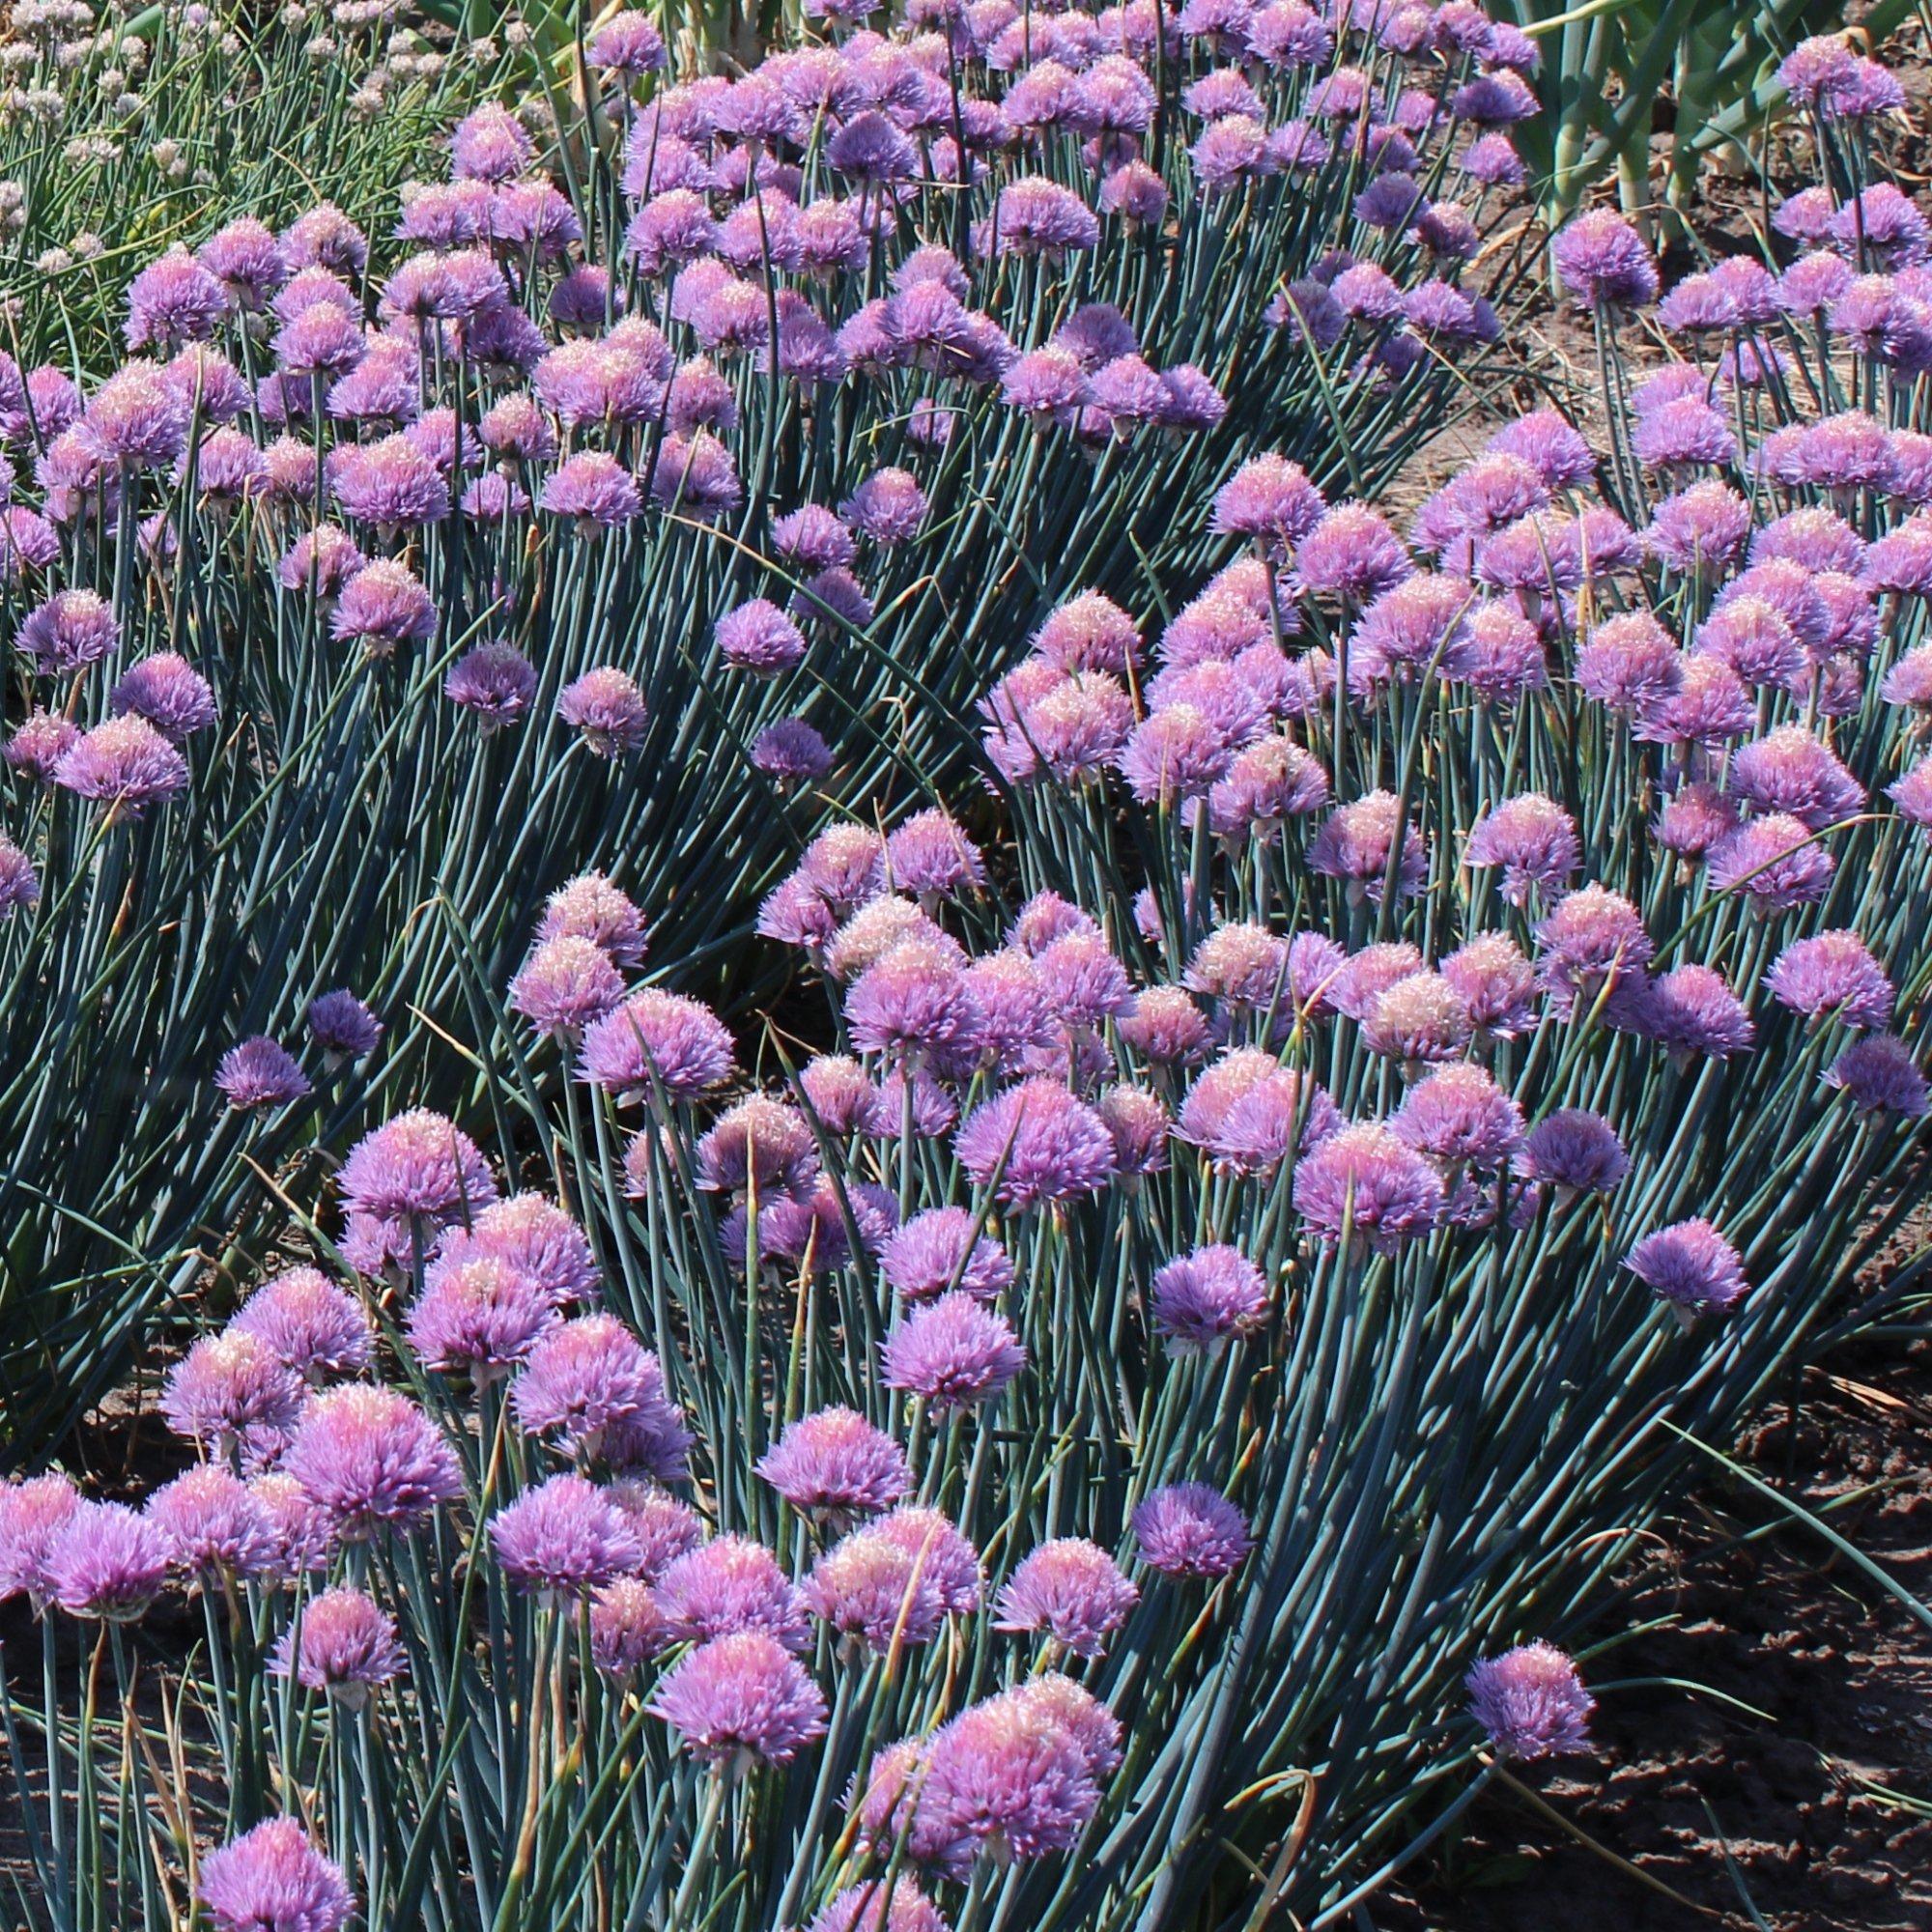 Семейный лук: сорта, фото с описанием и характеристиками, особенности выращивания